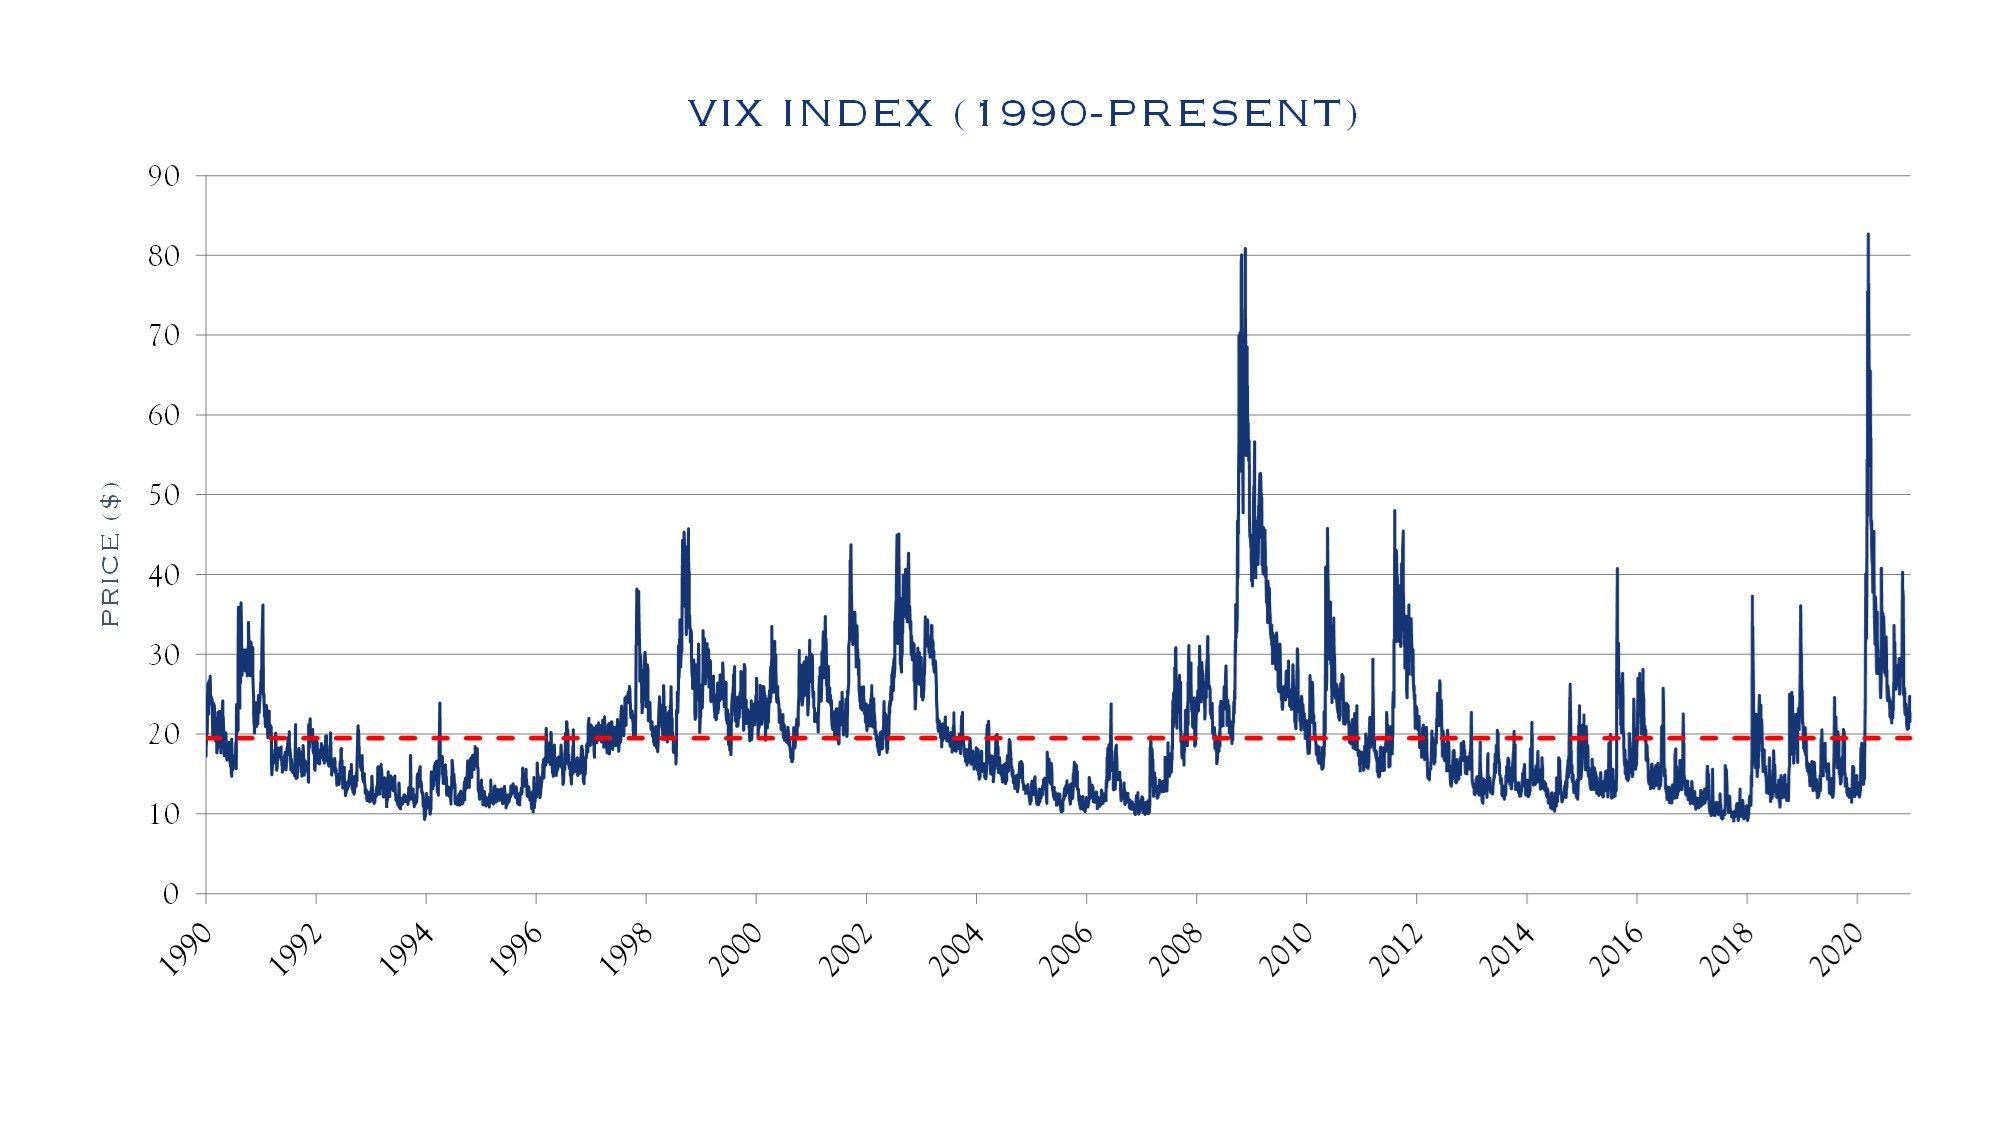 VIX Index 1990-PRESENT